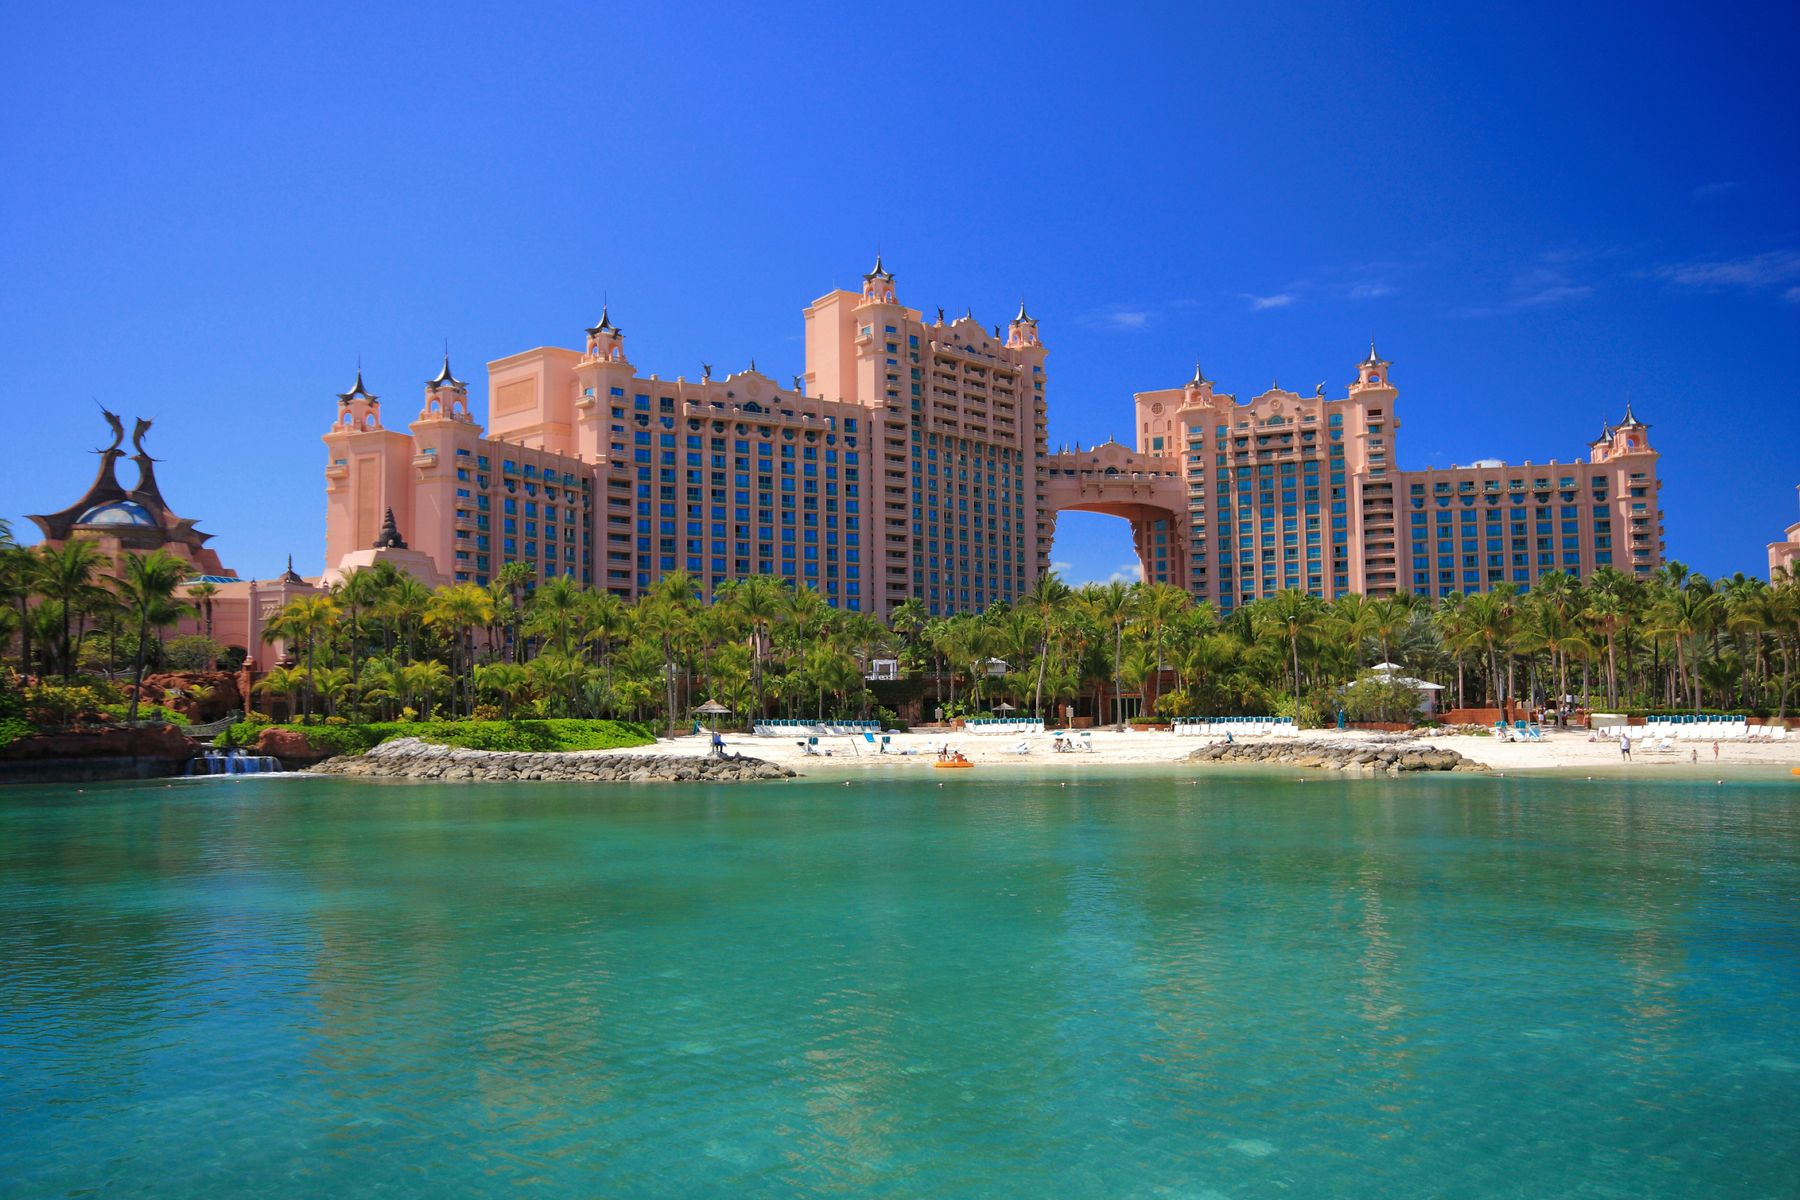 Hotel perto da praia nas Bahamas, um dos países abertos para receber viajantes brasileiros vacinados.